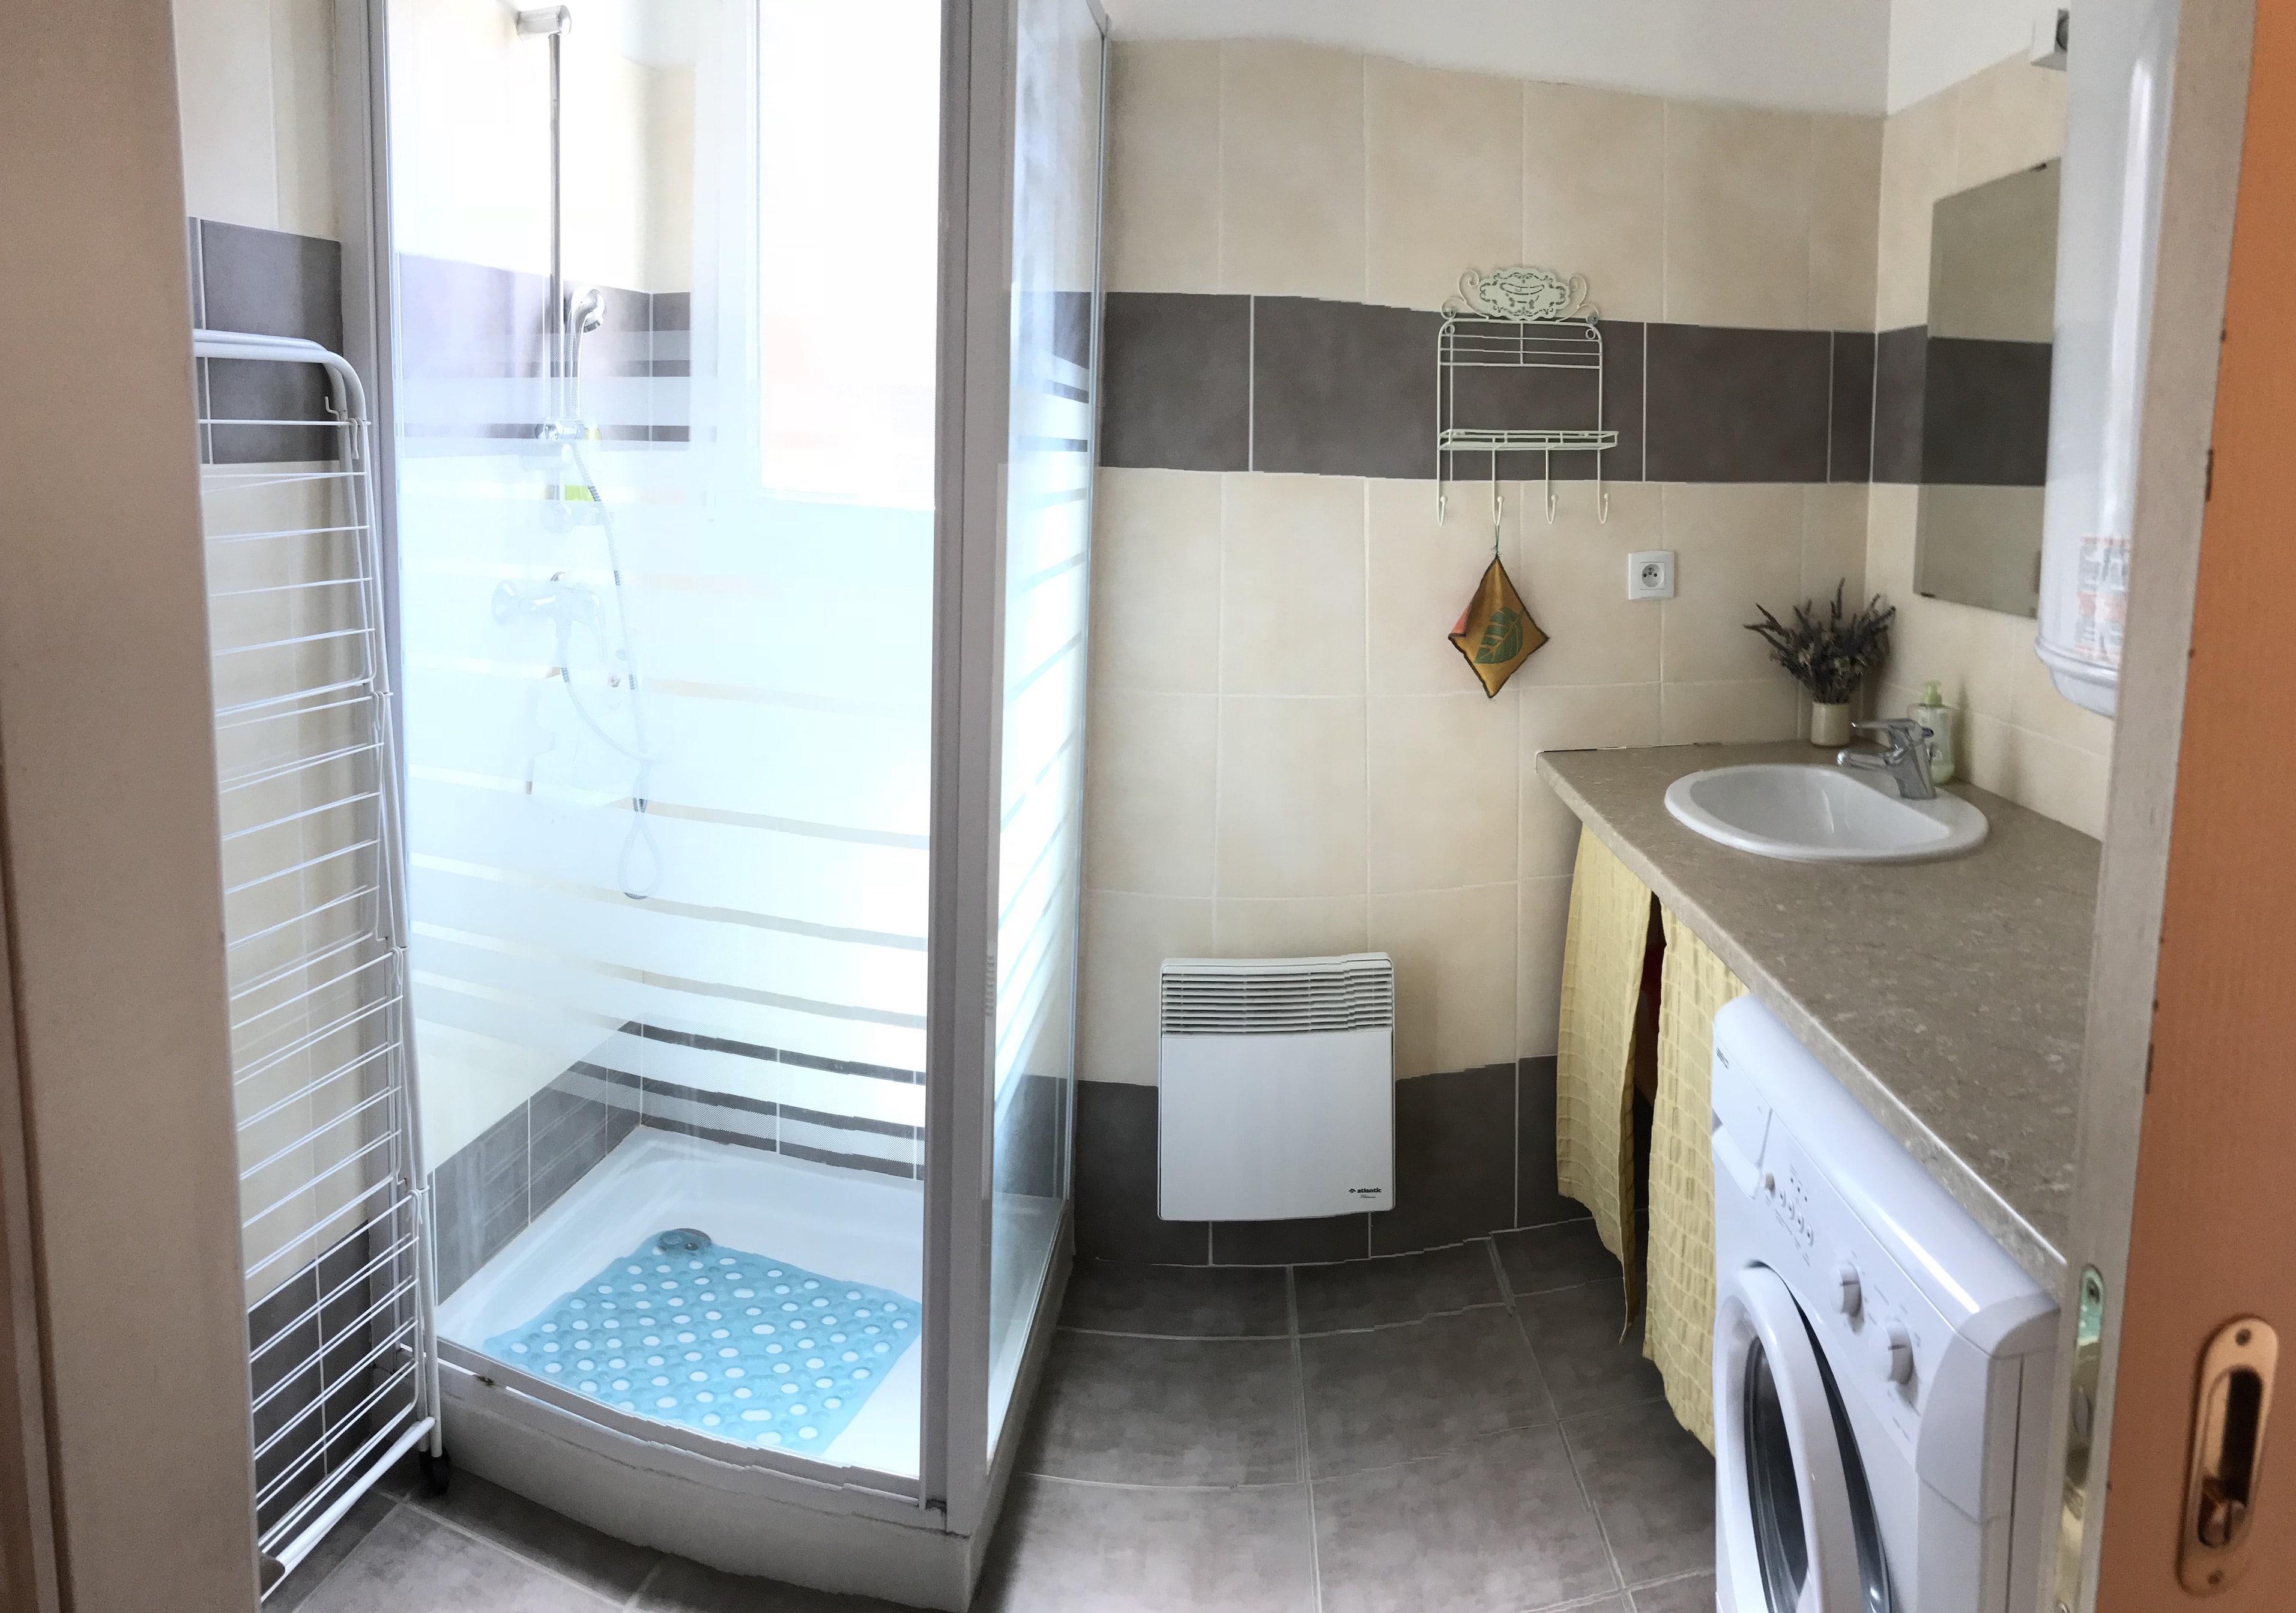 salle de bain mc - ANCELLE CHALET T3 DUPLEX (6 couchages)